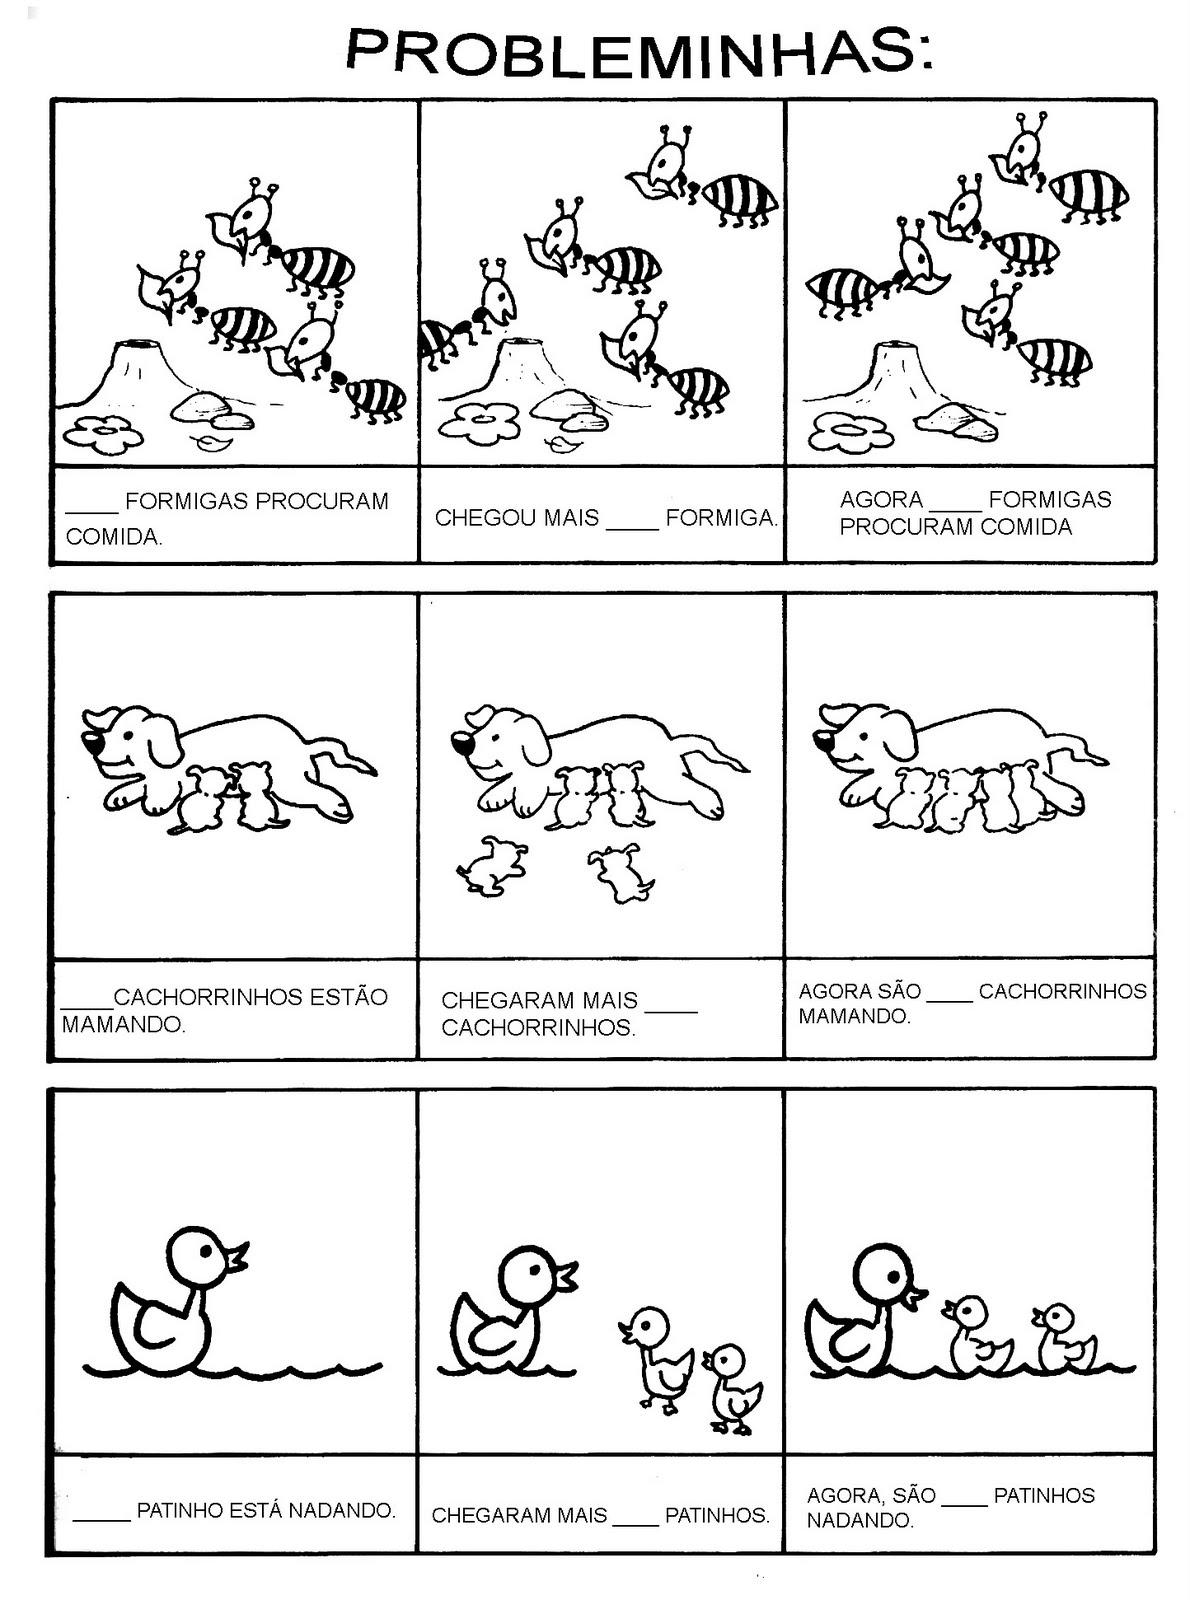 Criando E Recontando Probleminhas Matemática